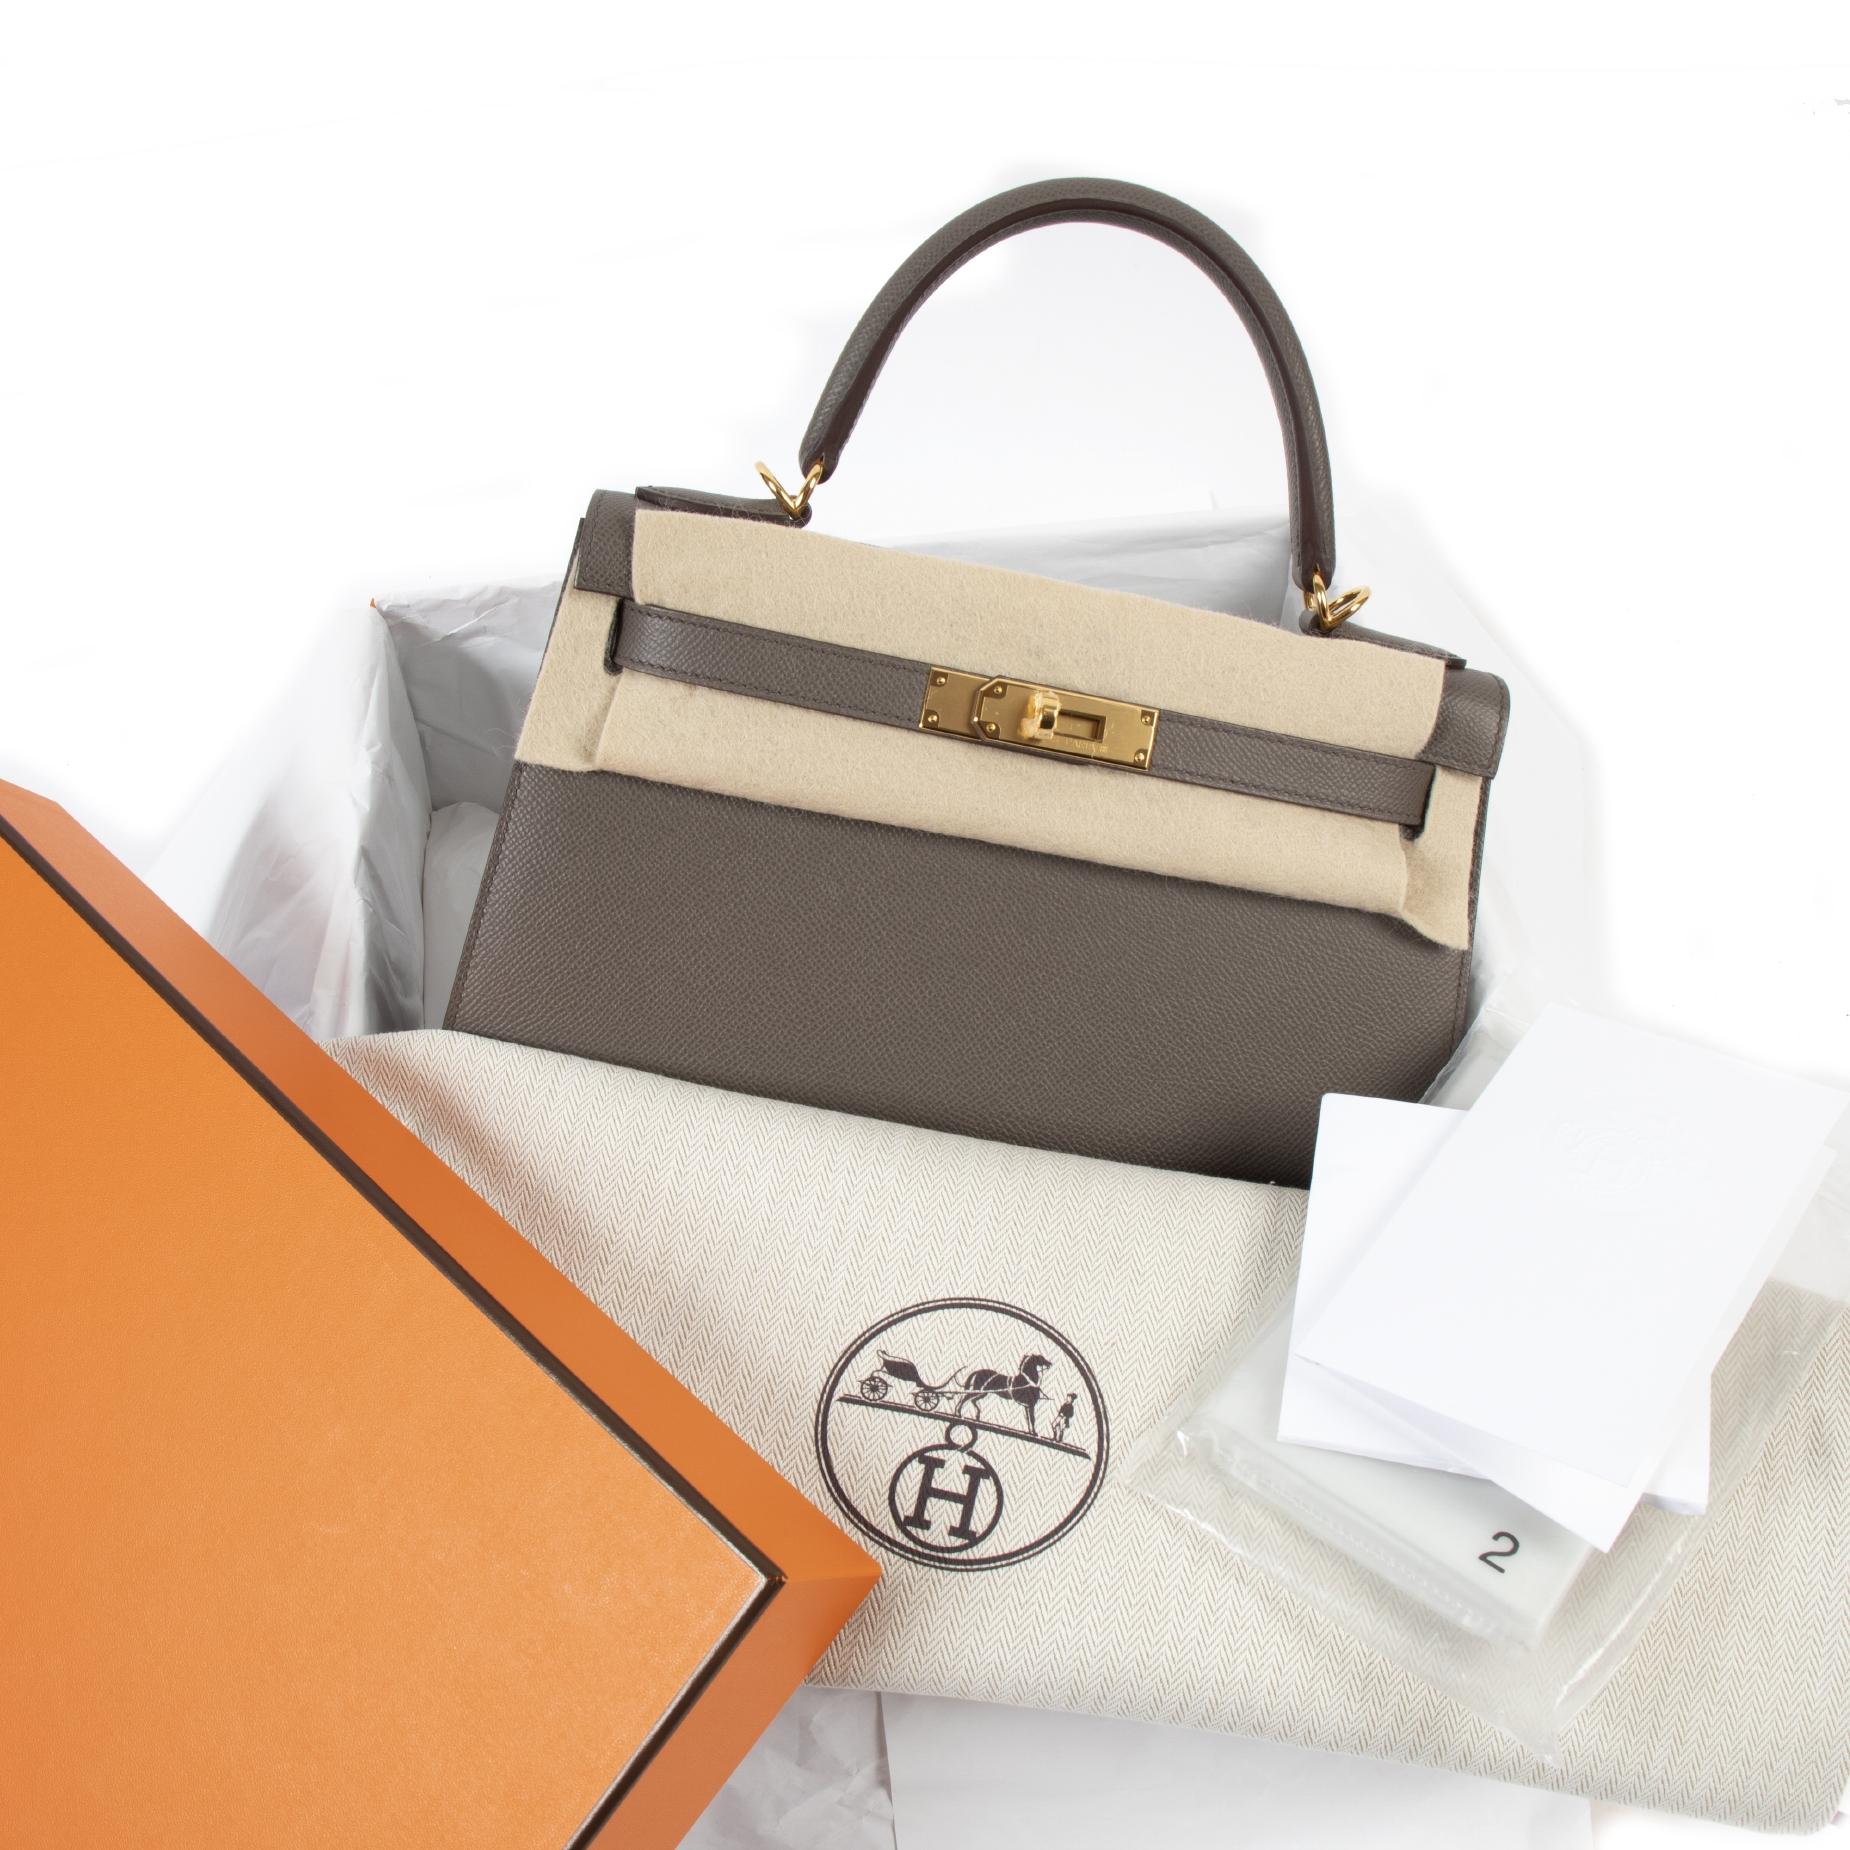 Hermès Kelly 28 Veau Epsom Gris Etain GHW pour le meilleur prix chez Labellov à Anvers